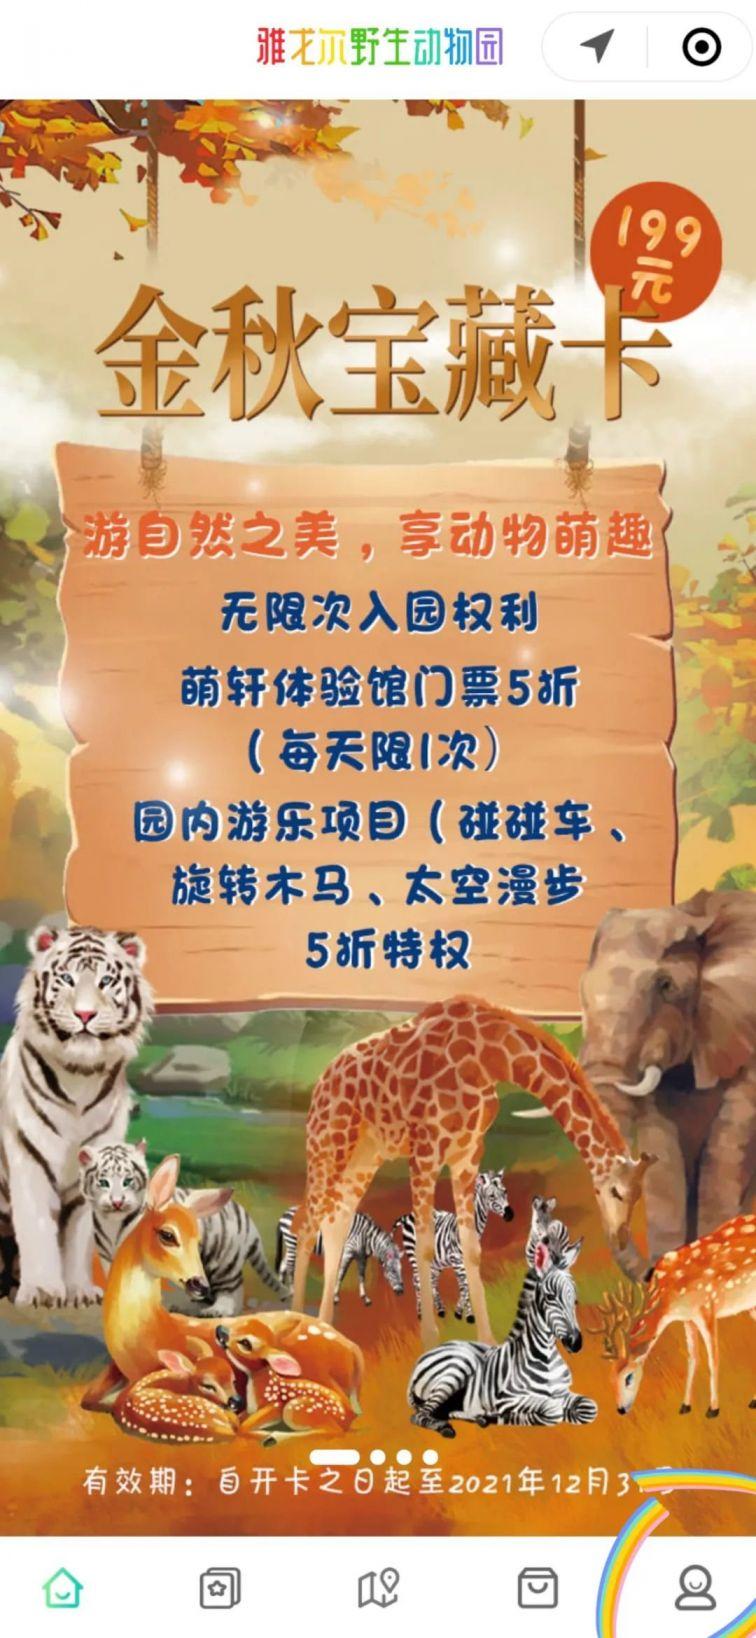 2022年宁波雅戈尔动物园中秋活动攻略(时间+门票)